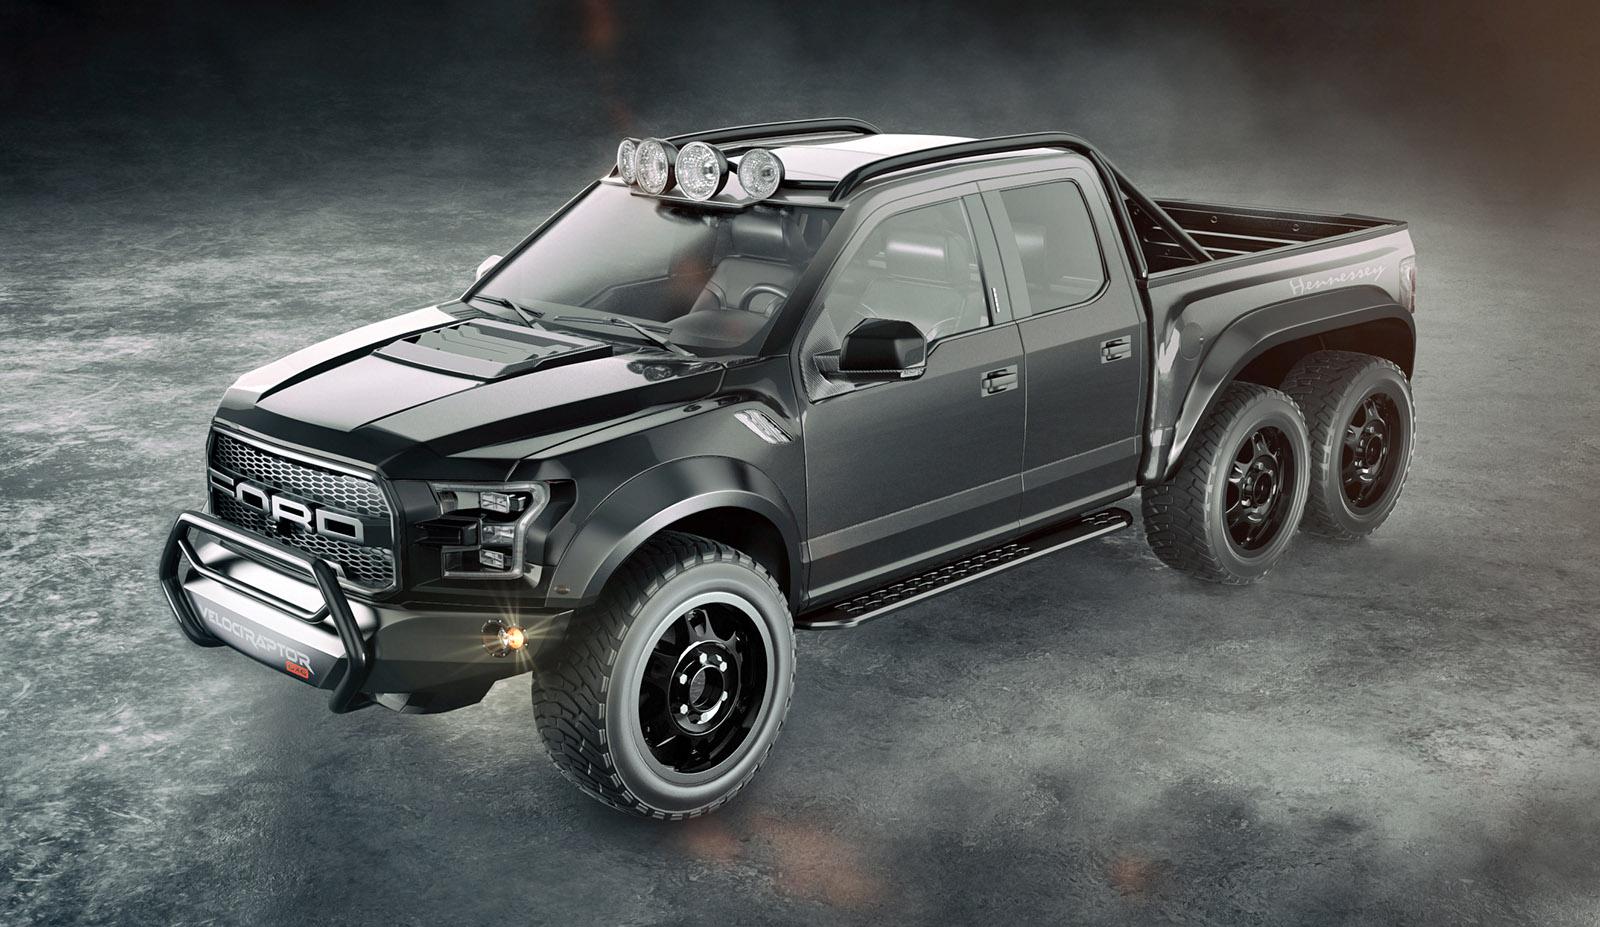 Velociraptor 6 6 E Um Incrivel Ford F 150 Raptor Com Seis Rodas Quatro Rodas